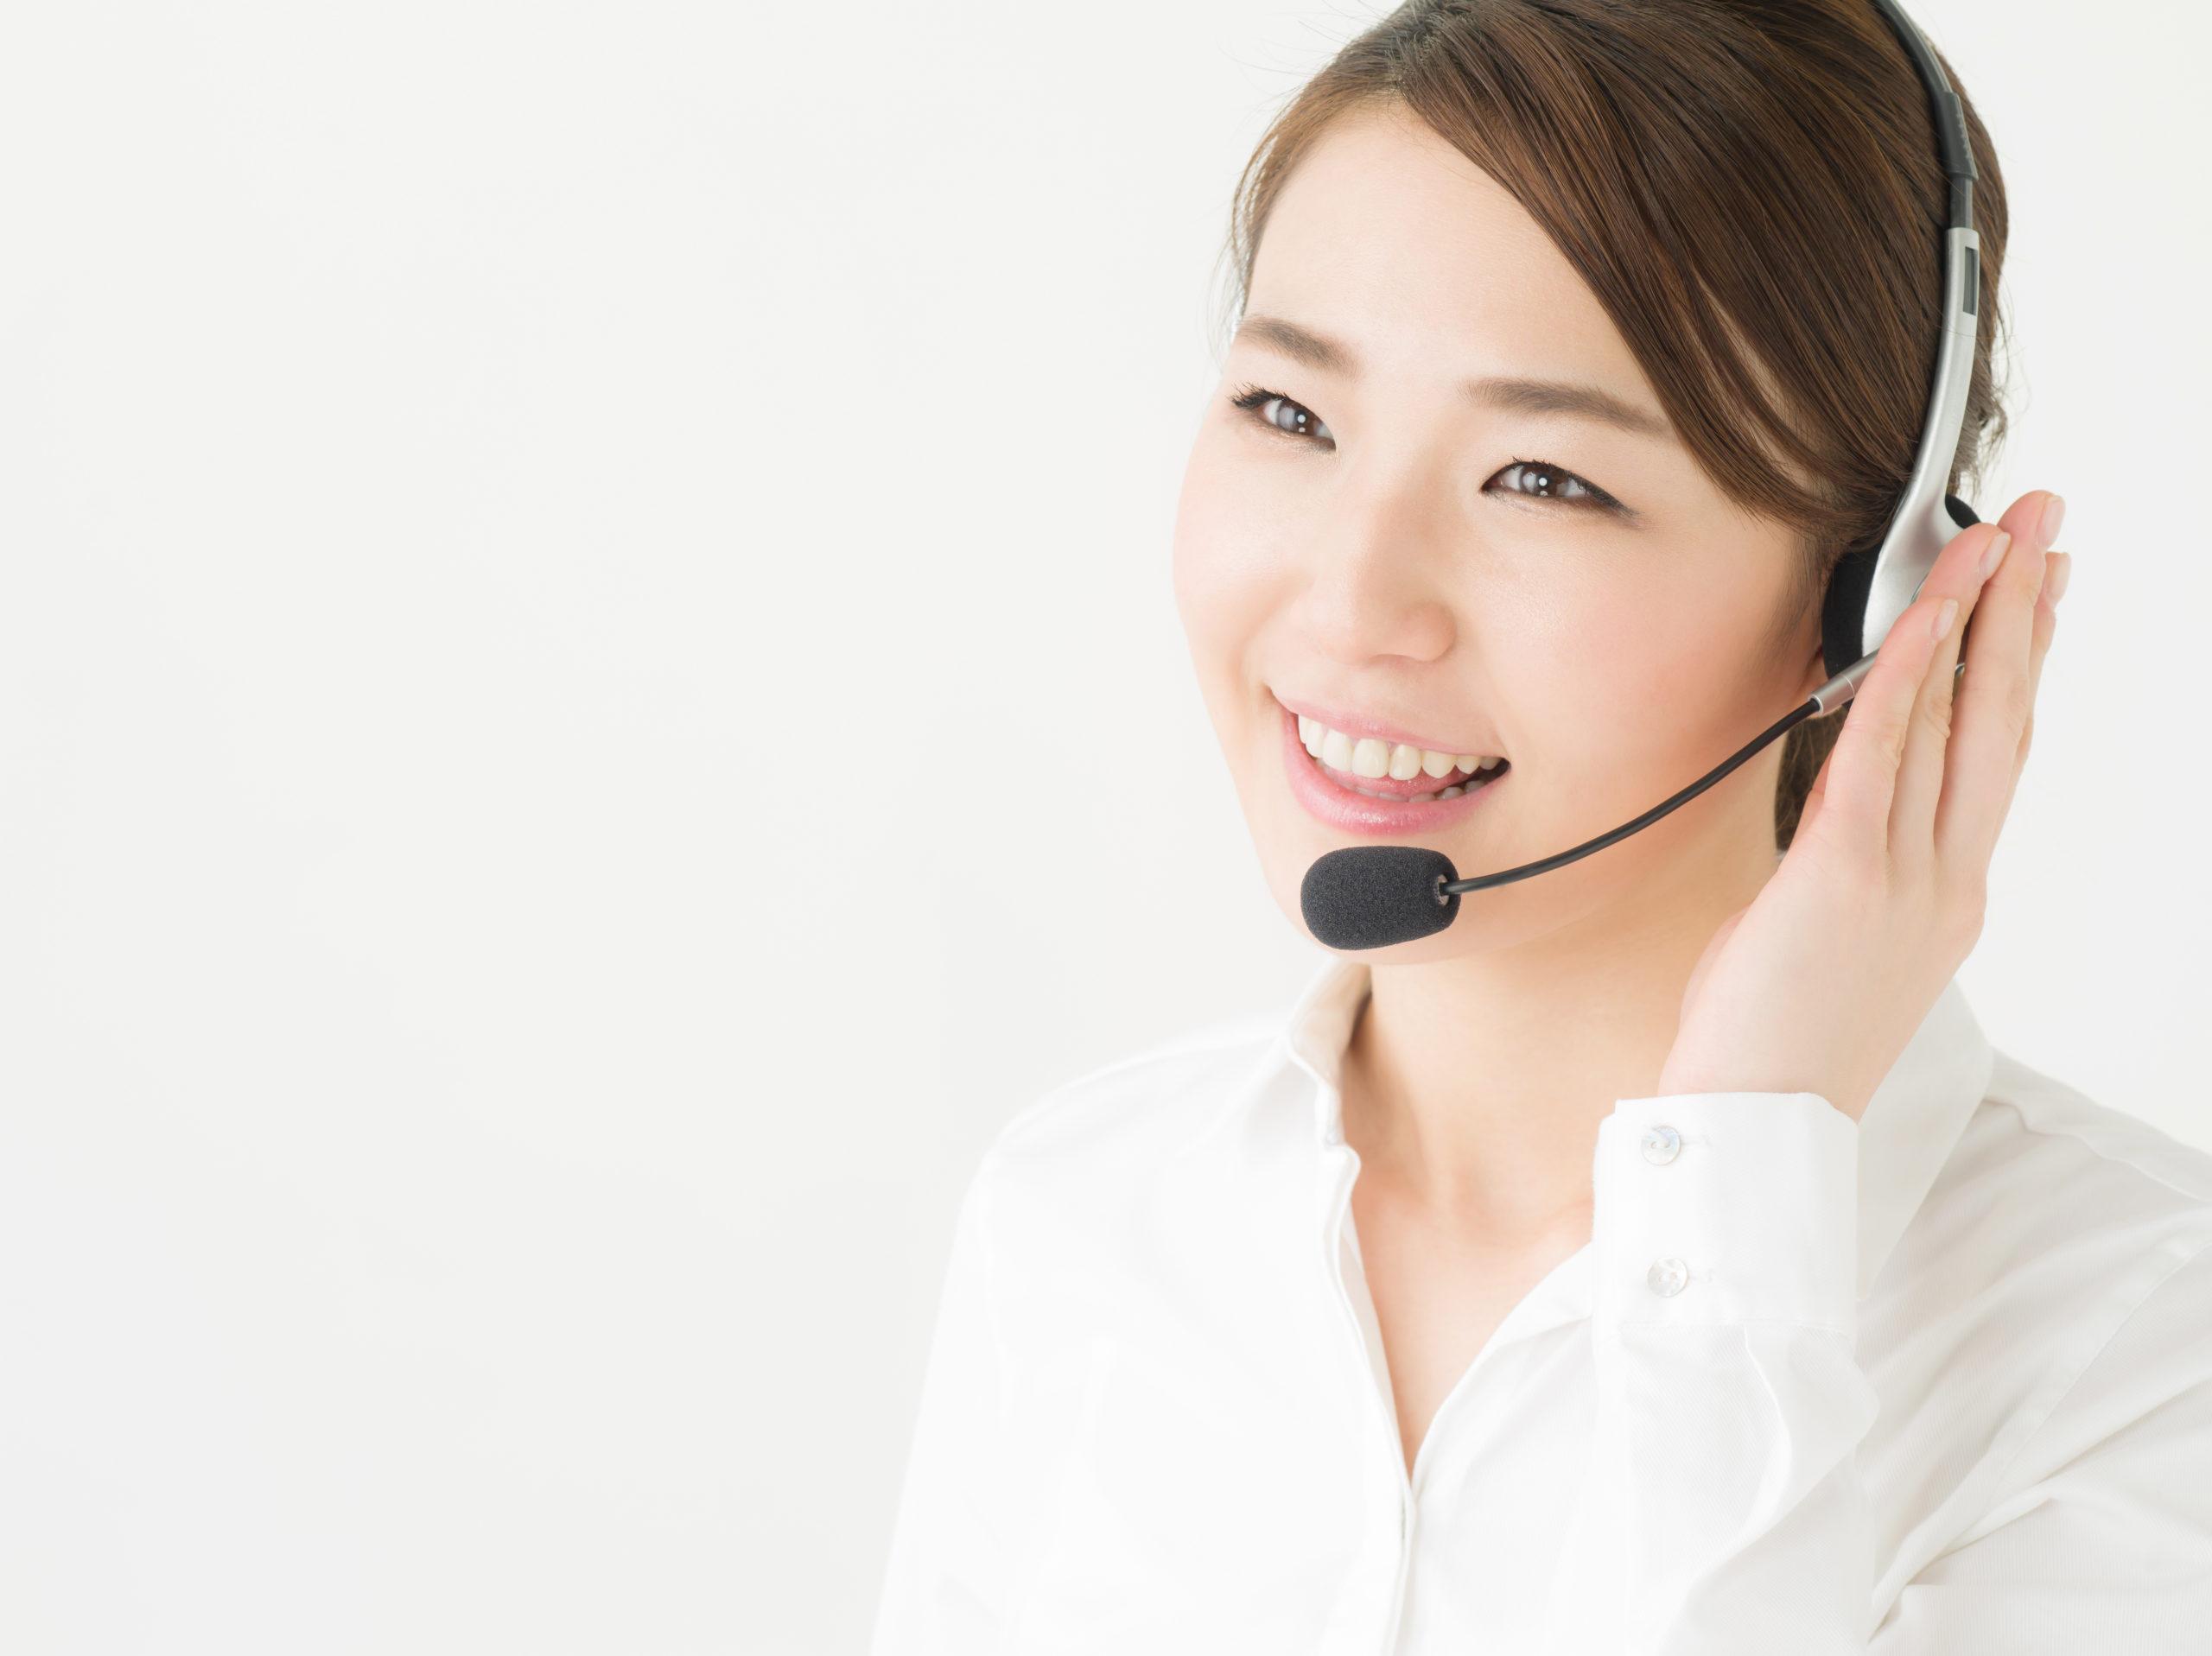 生命保険代理店A社テレマーケティング業務のキャリア・仕事内容について